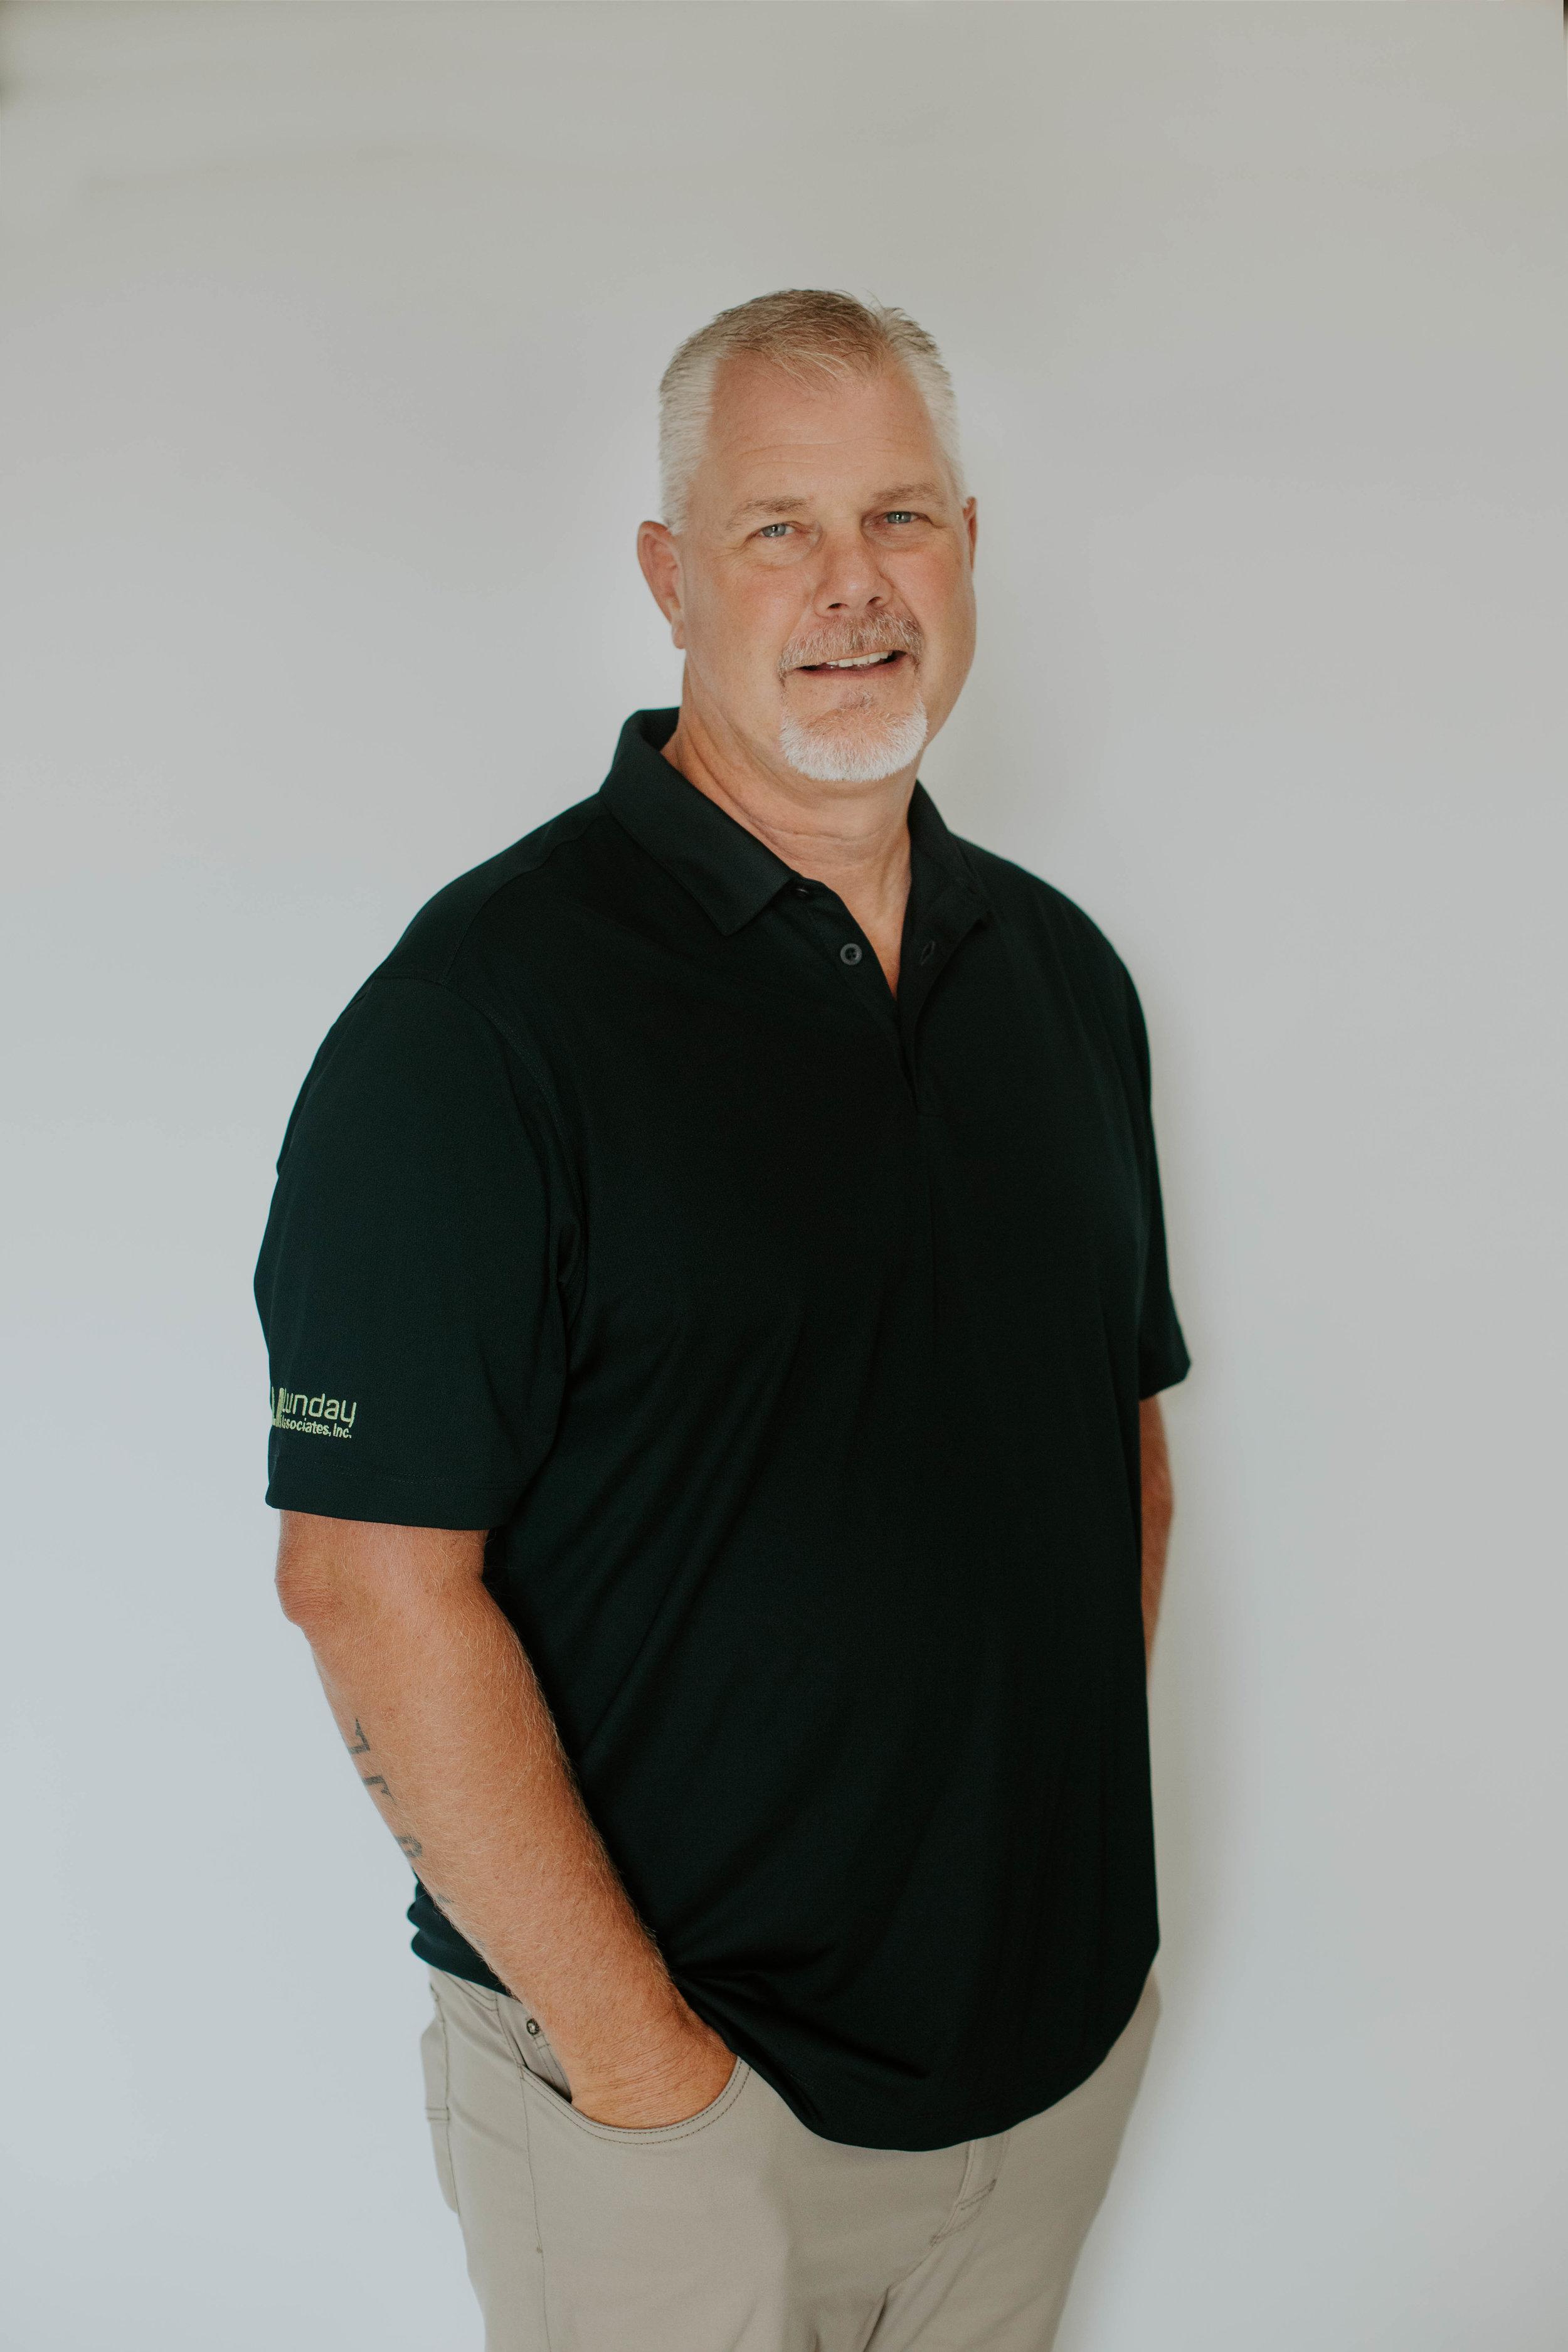 Chris Mogle    Alabama and Florida Panhandle Sales  m 334.734.3244